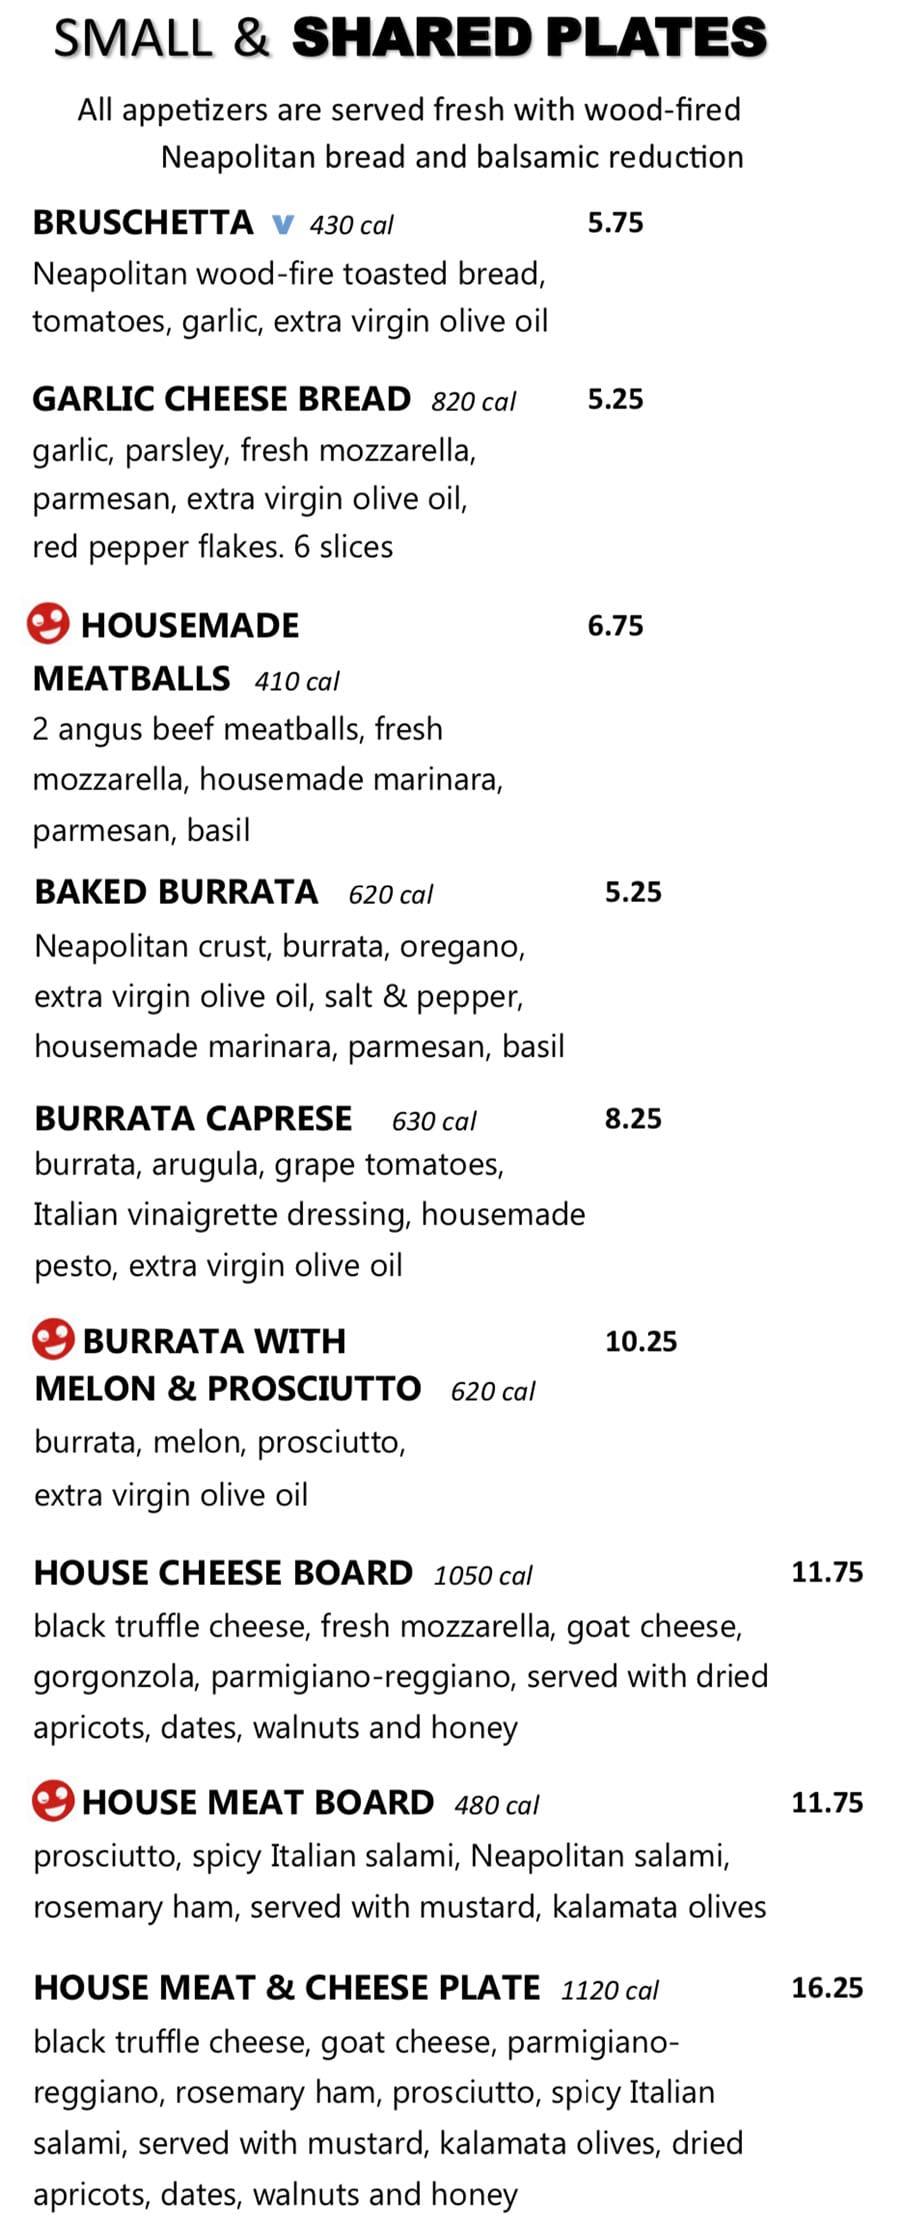 Midici Orem menu - small and shared plates